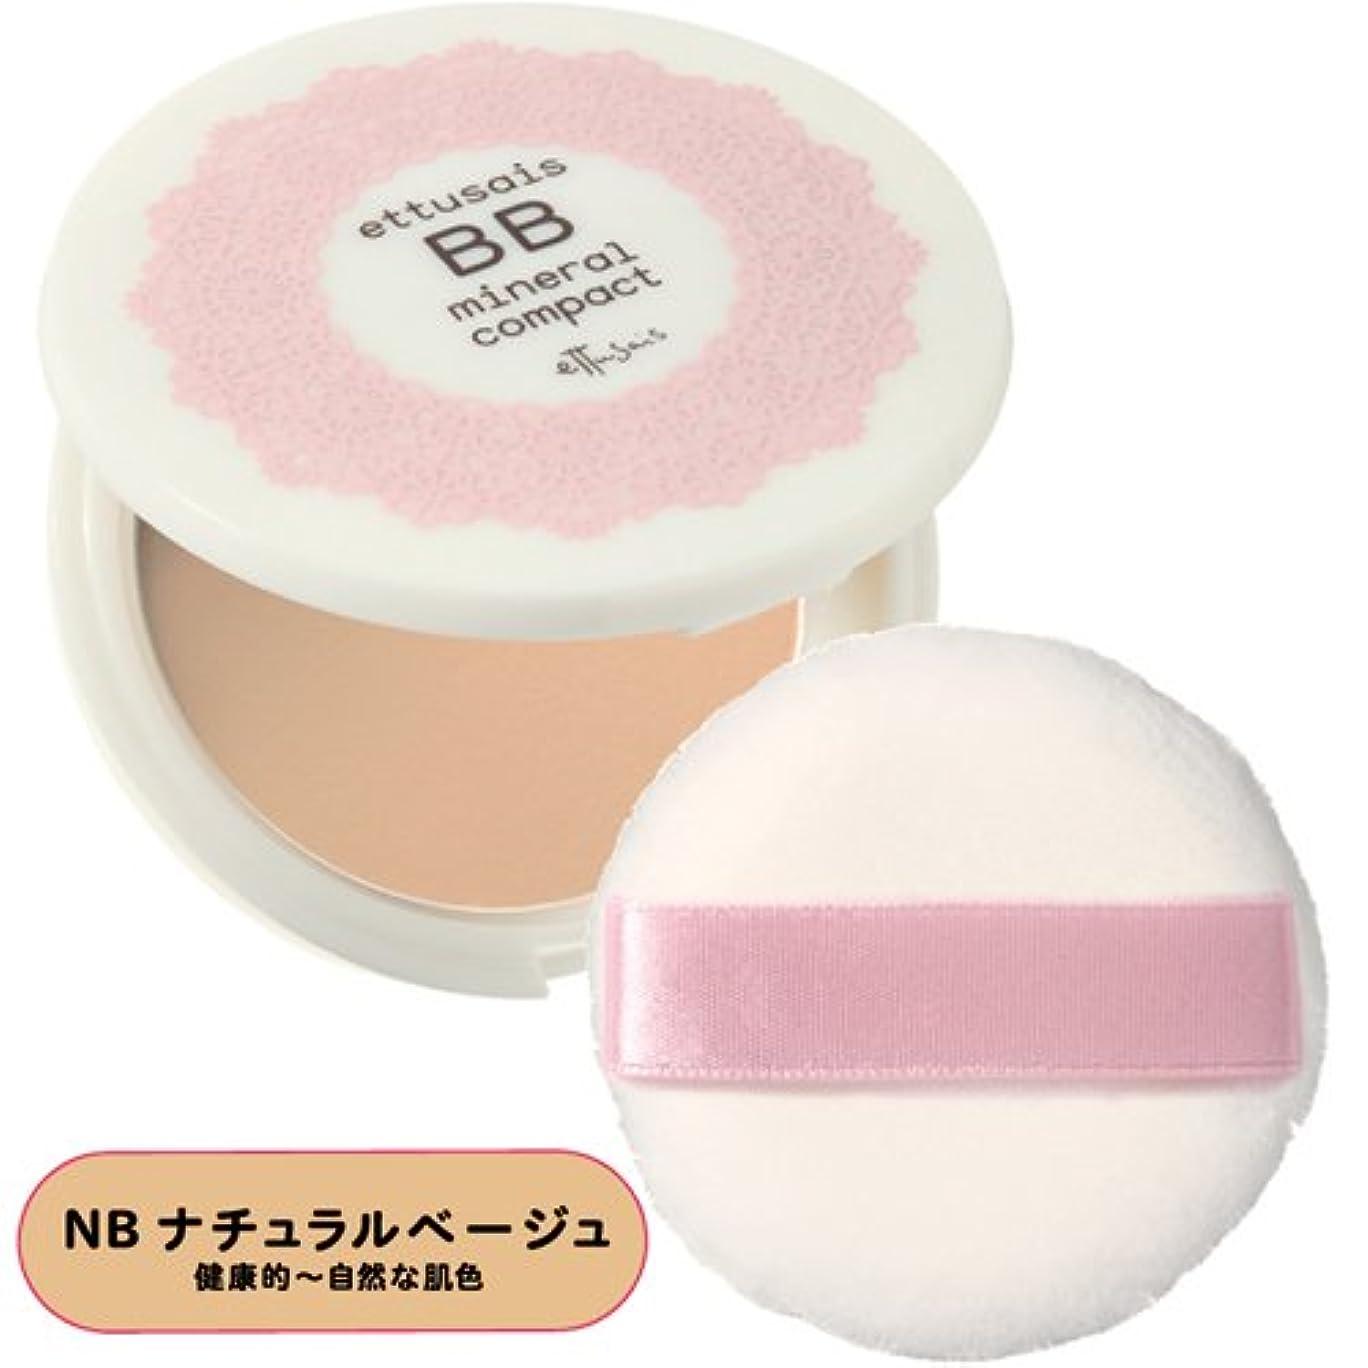 エテュセ BBミネラルコンパクト NB(ナチュラルベージュ) SPF25?PA++ 7g